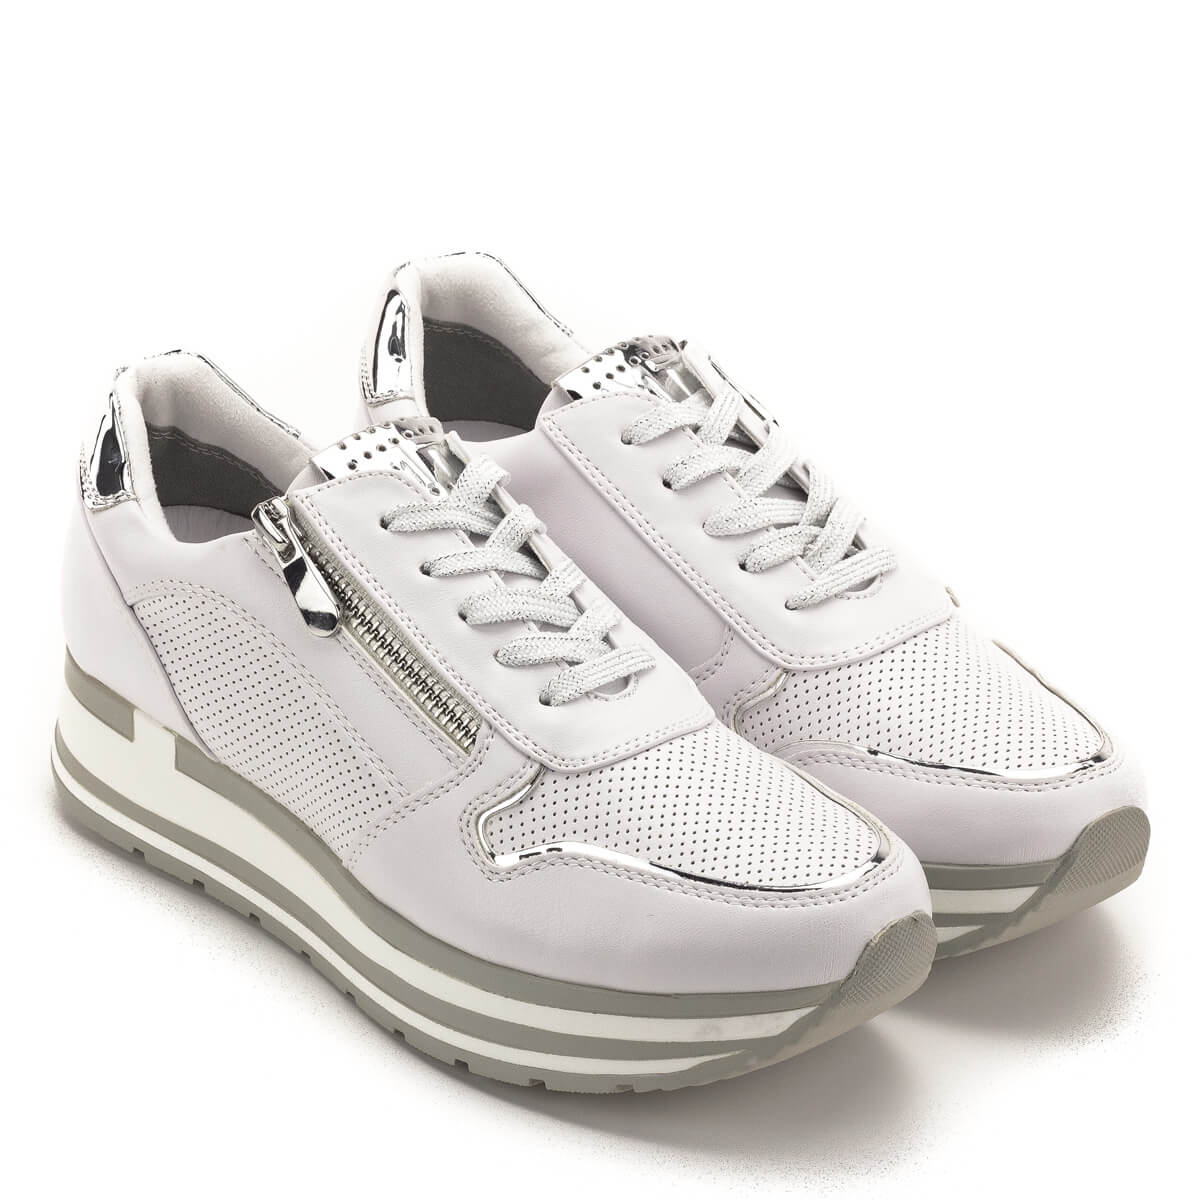 Fehér Marco Tozzi cipő puha memóriahabos talpbetéttel. A talpbetét a  cipőből kivehető 2df89235ae